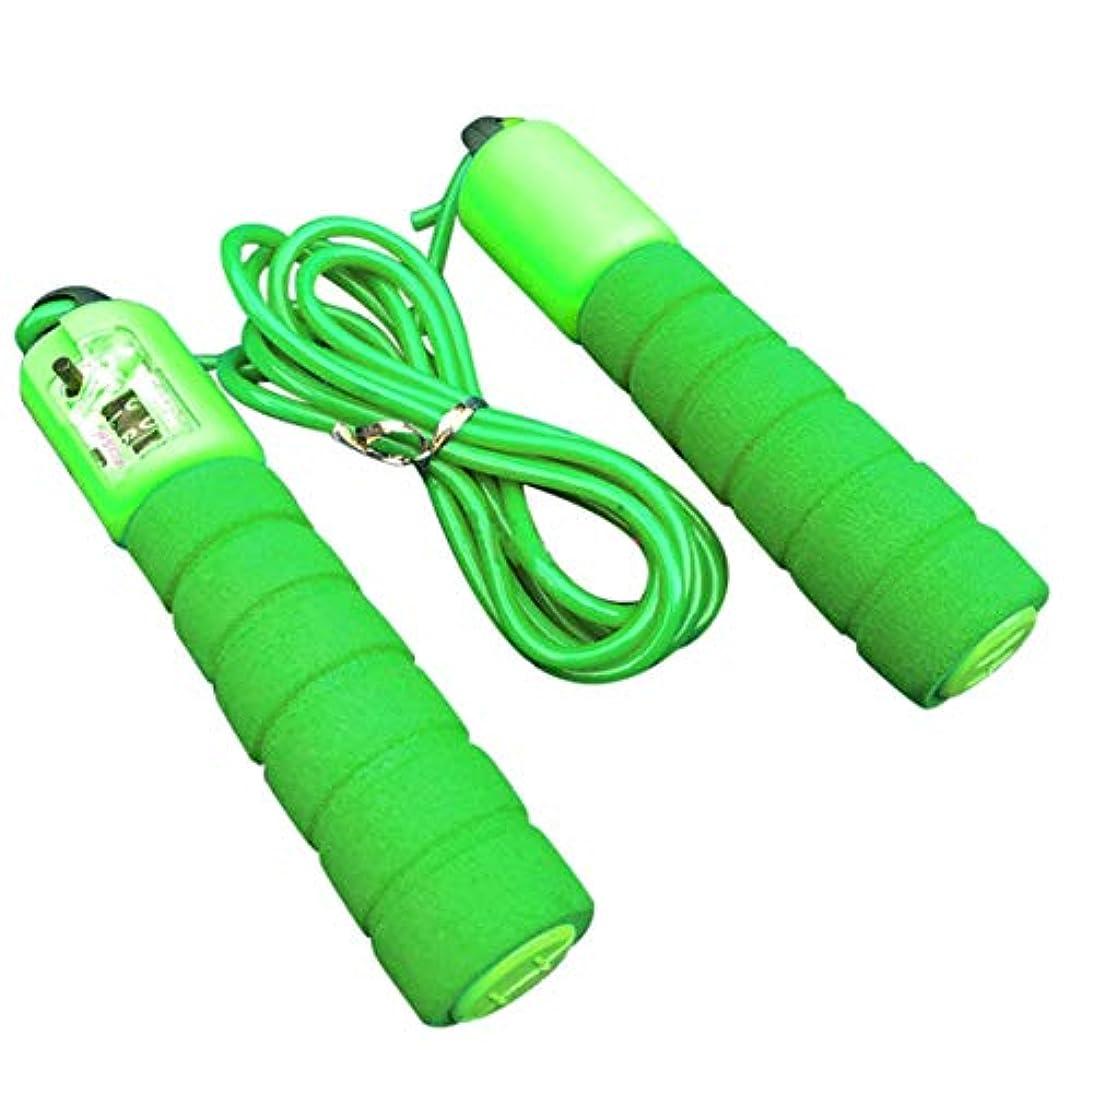 楕円形候補者リル調節可能なプロフェッショナルカウント縄跳び自動カウントジャンプロープフィットネス運動高速カウントジャンプロープ - グリーン